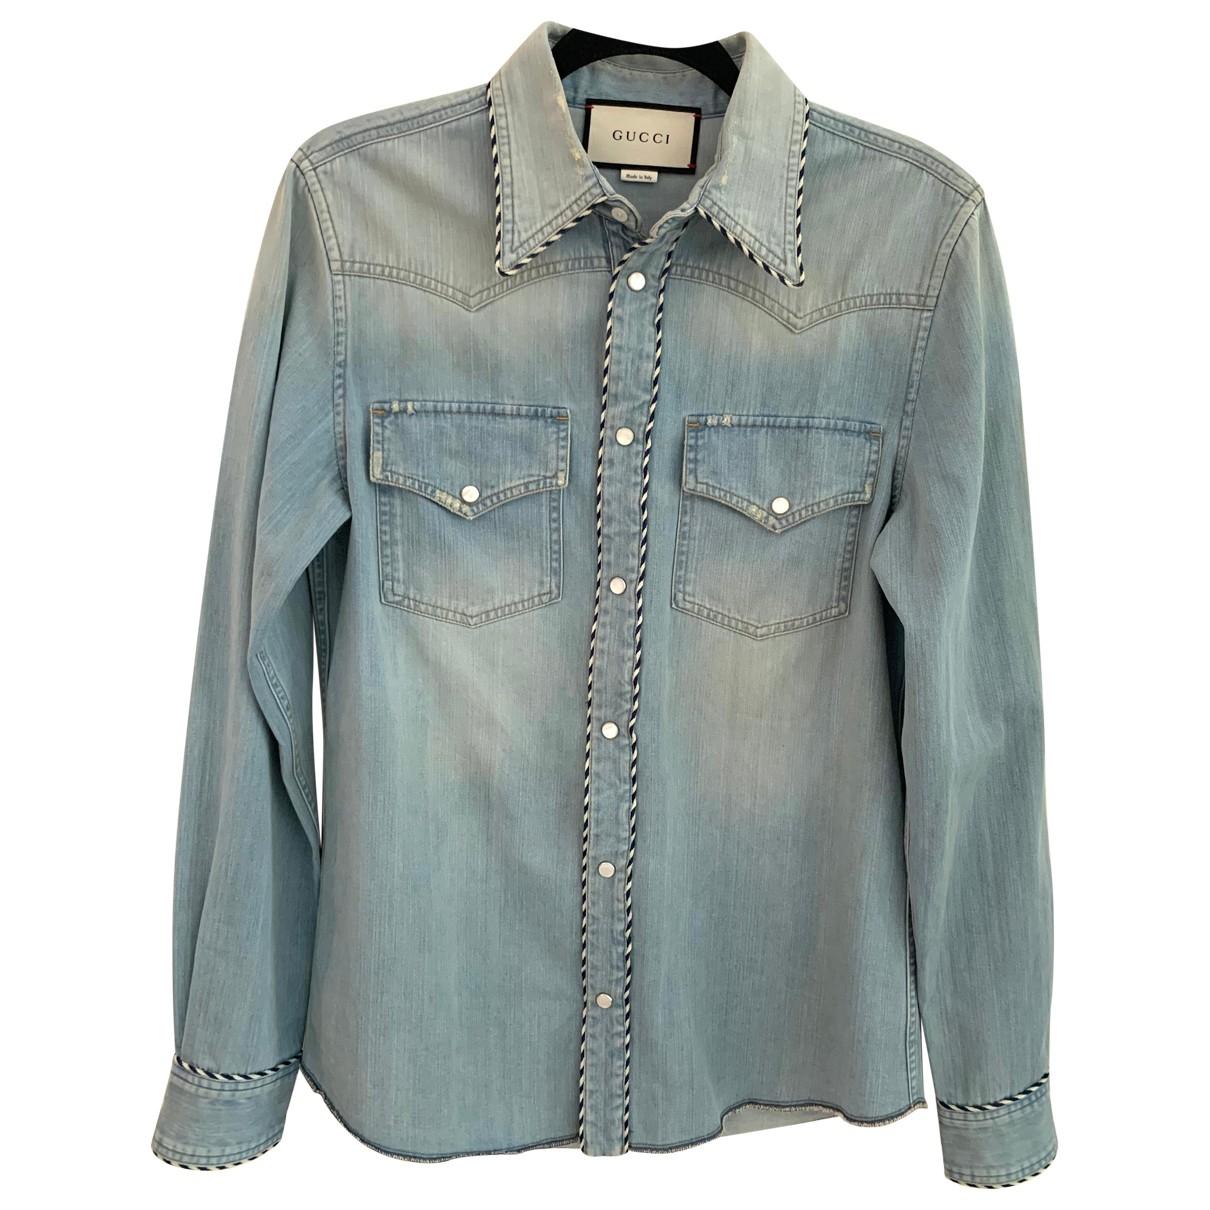 Gucci - Chemises   pour homme en denim - bleu